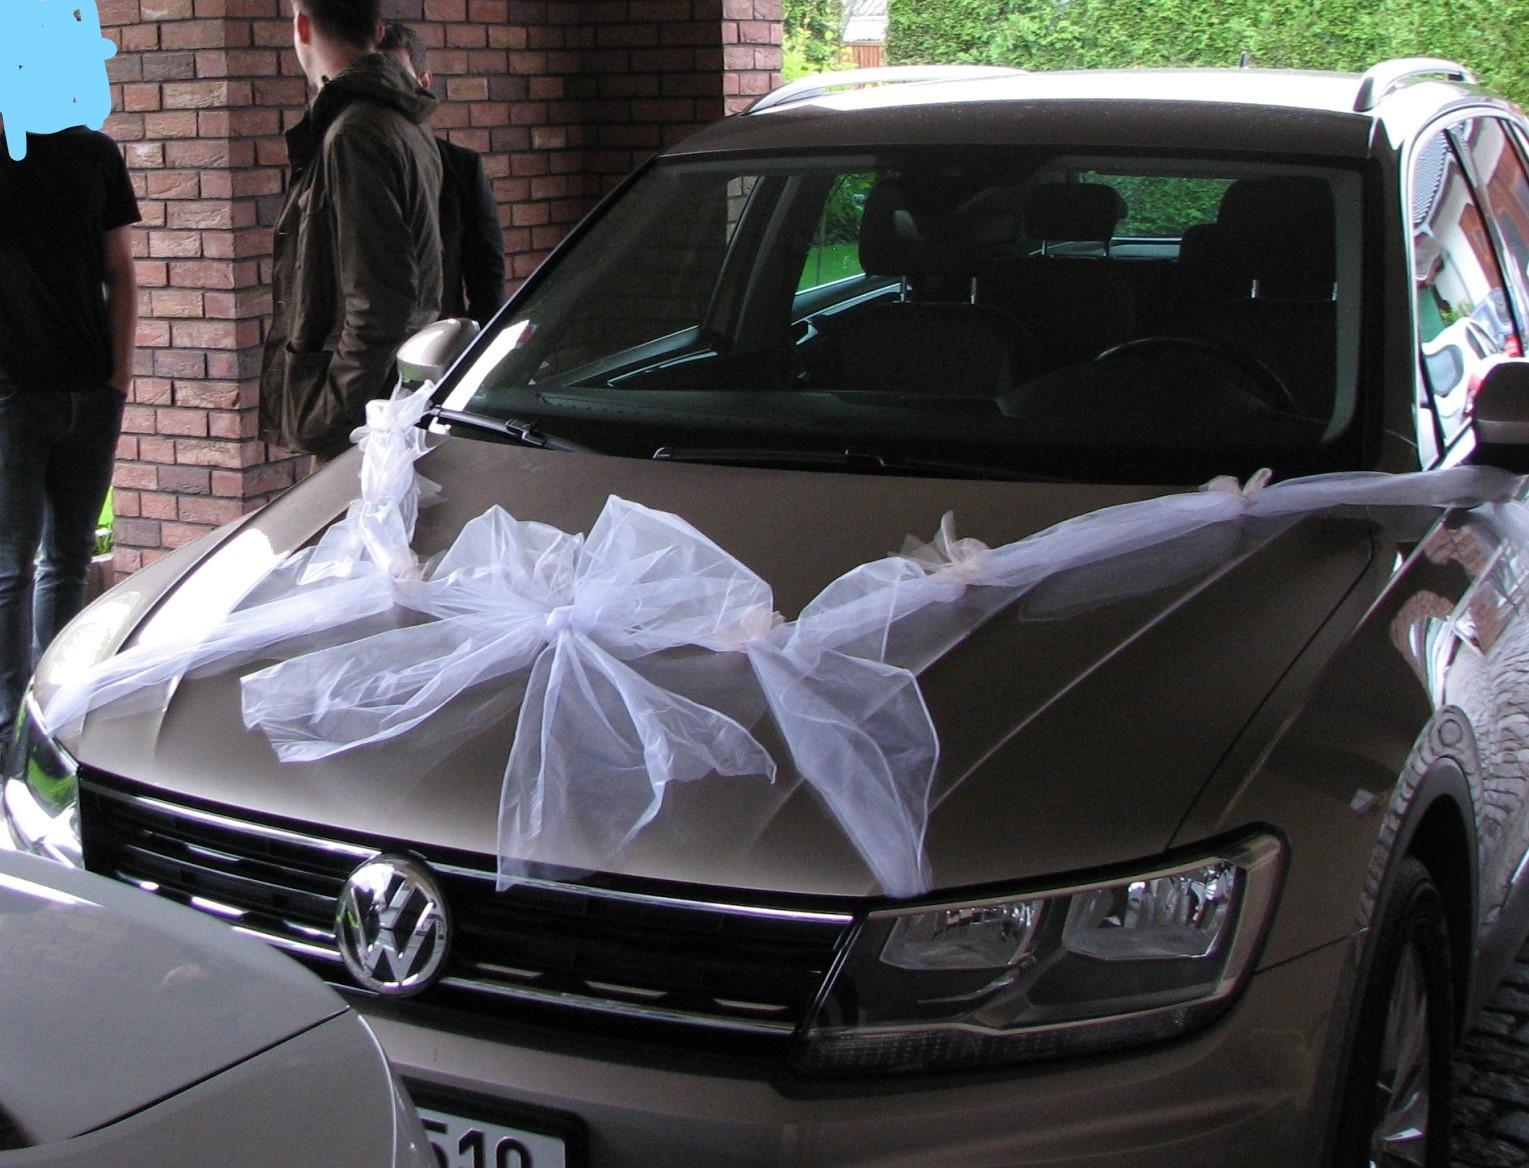 Výzdoba na auto (pro nevěstu) - Obrázok č. 1